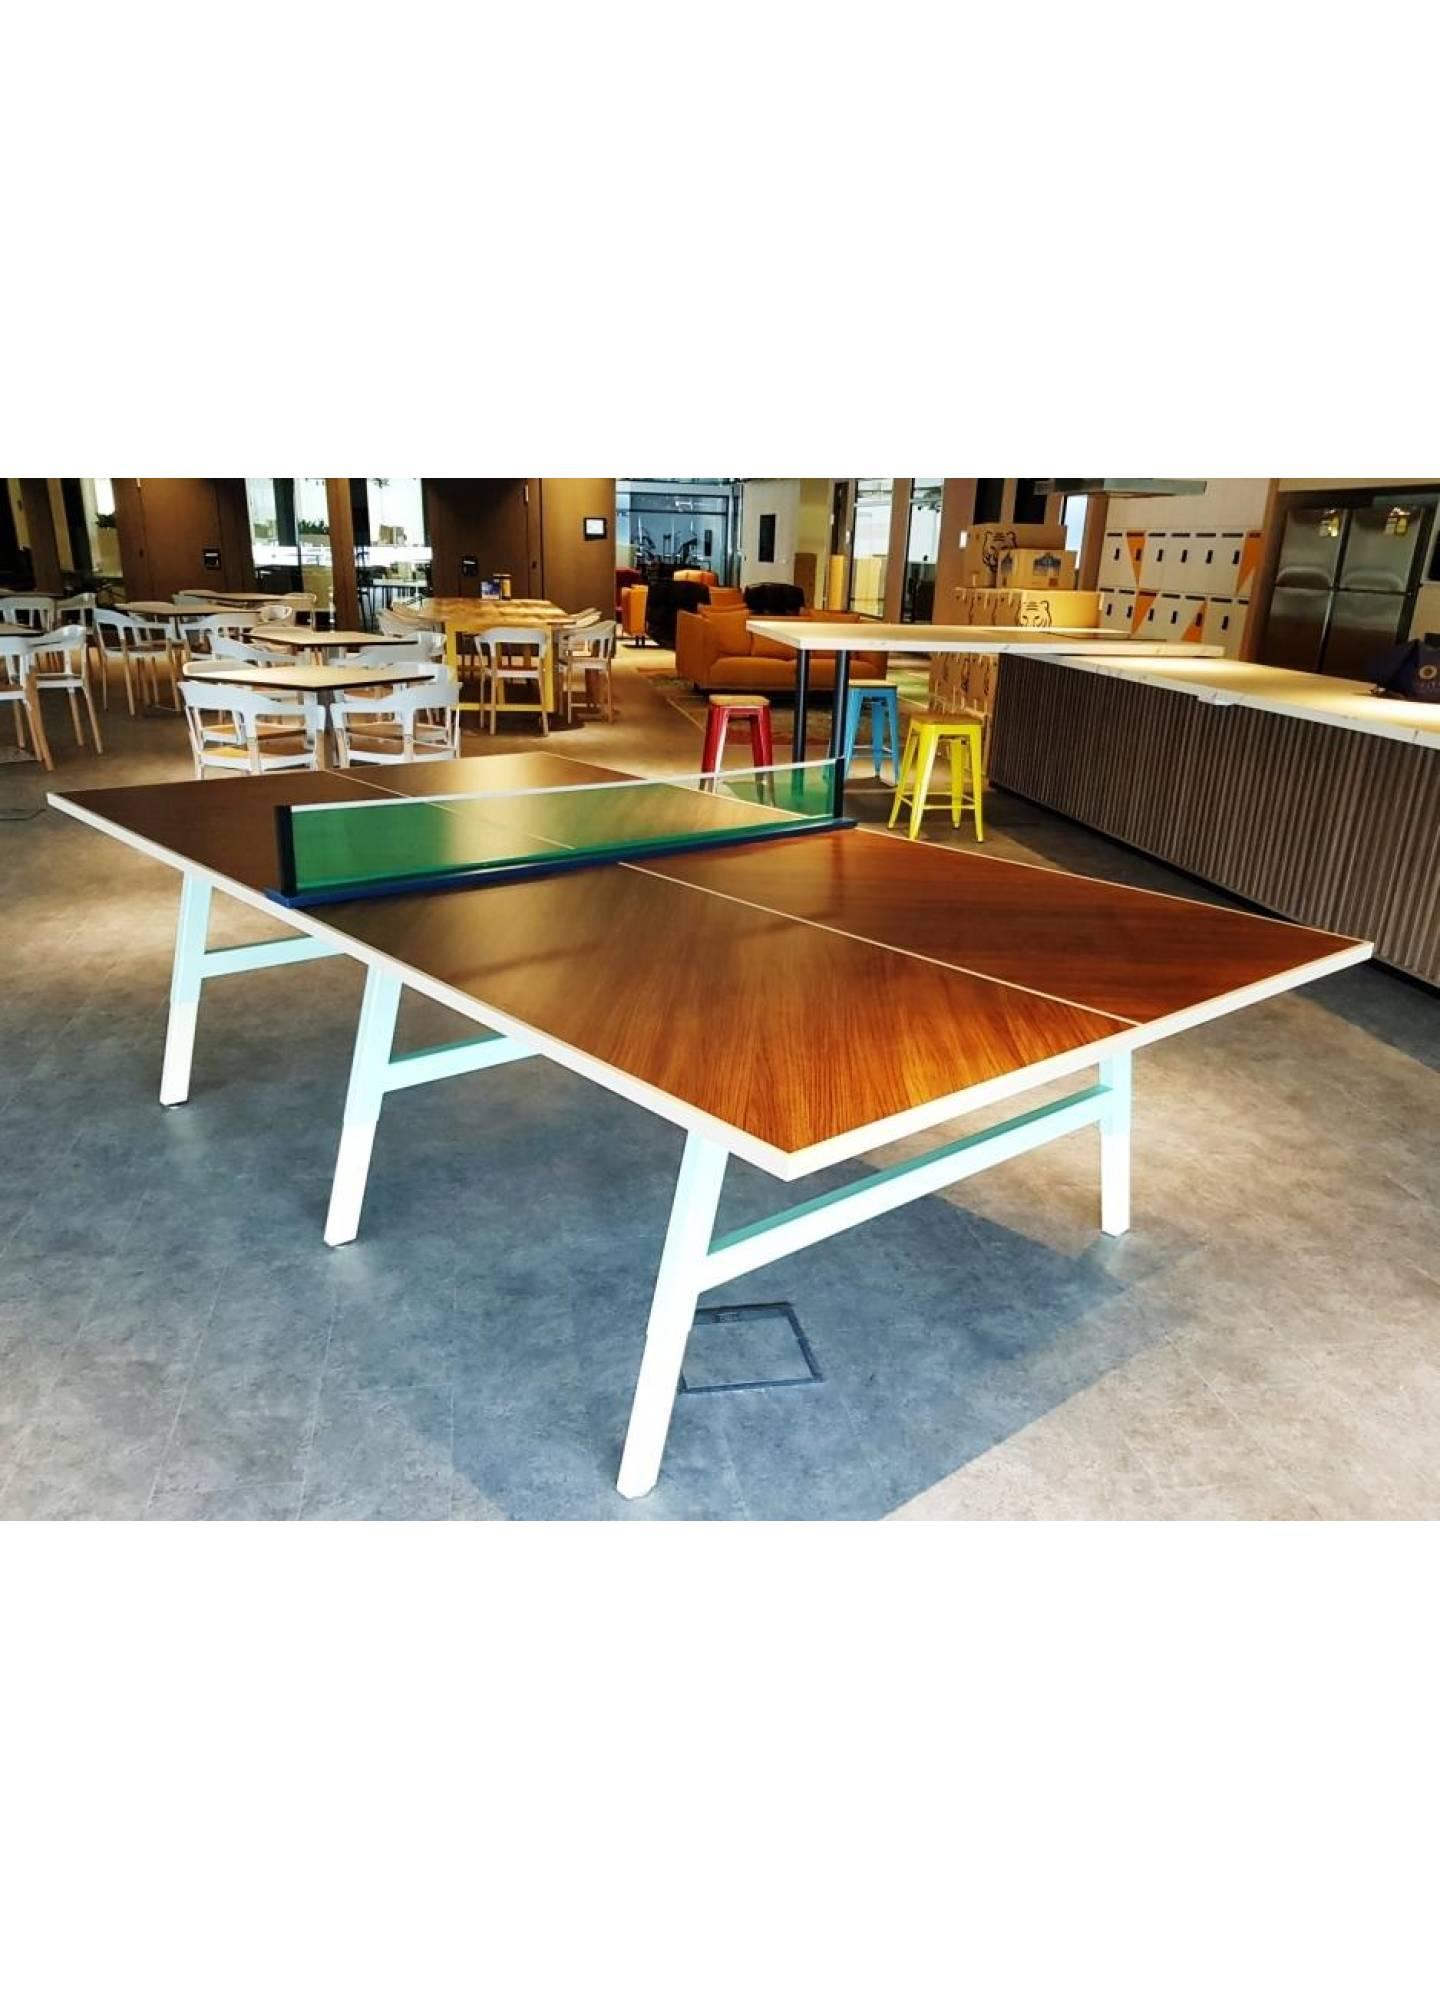 CAPRI TABLE TENNIS TABLE (DESIGNER RANGE, FULL CUSTOMISATION)